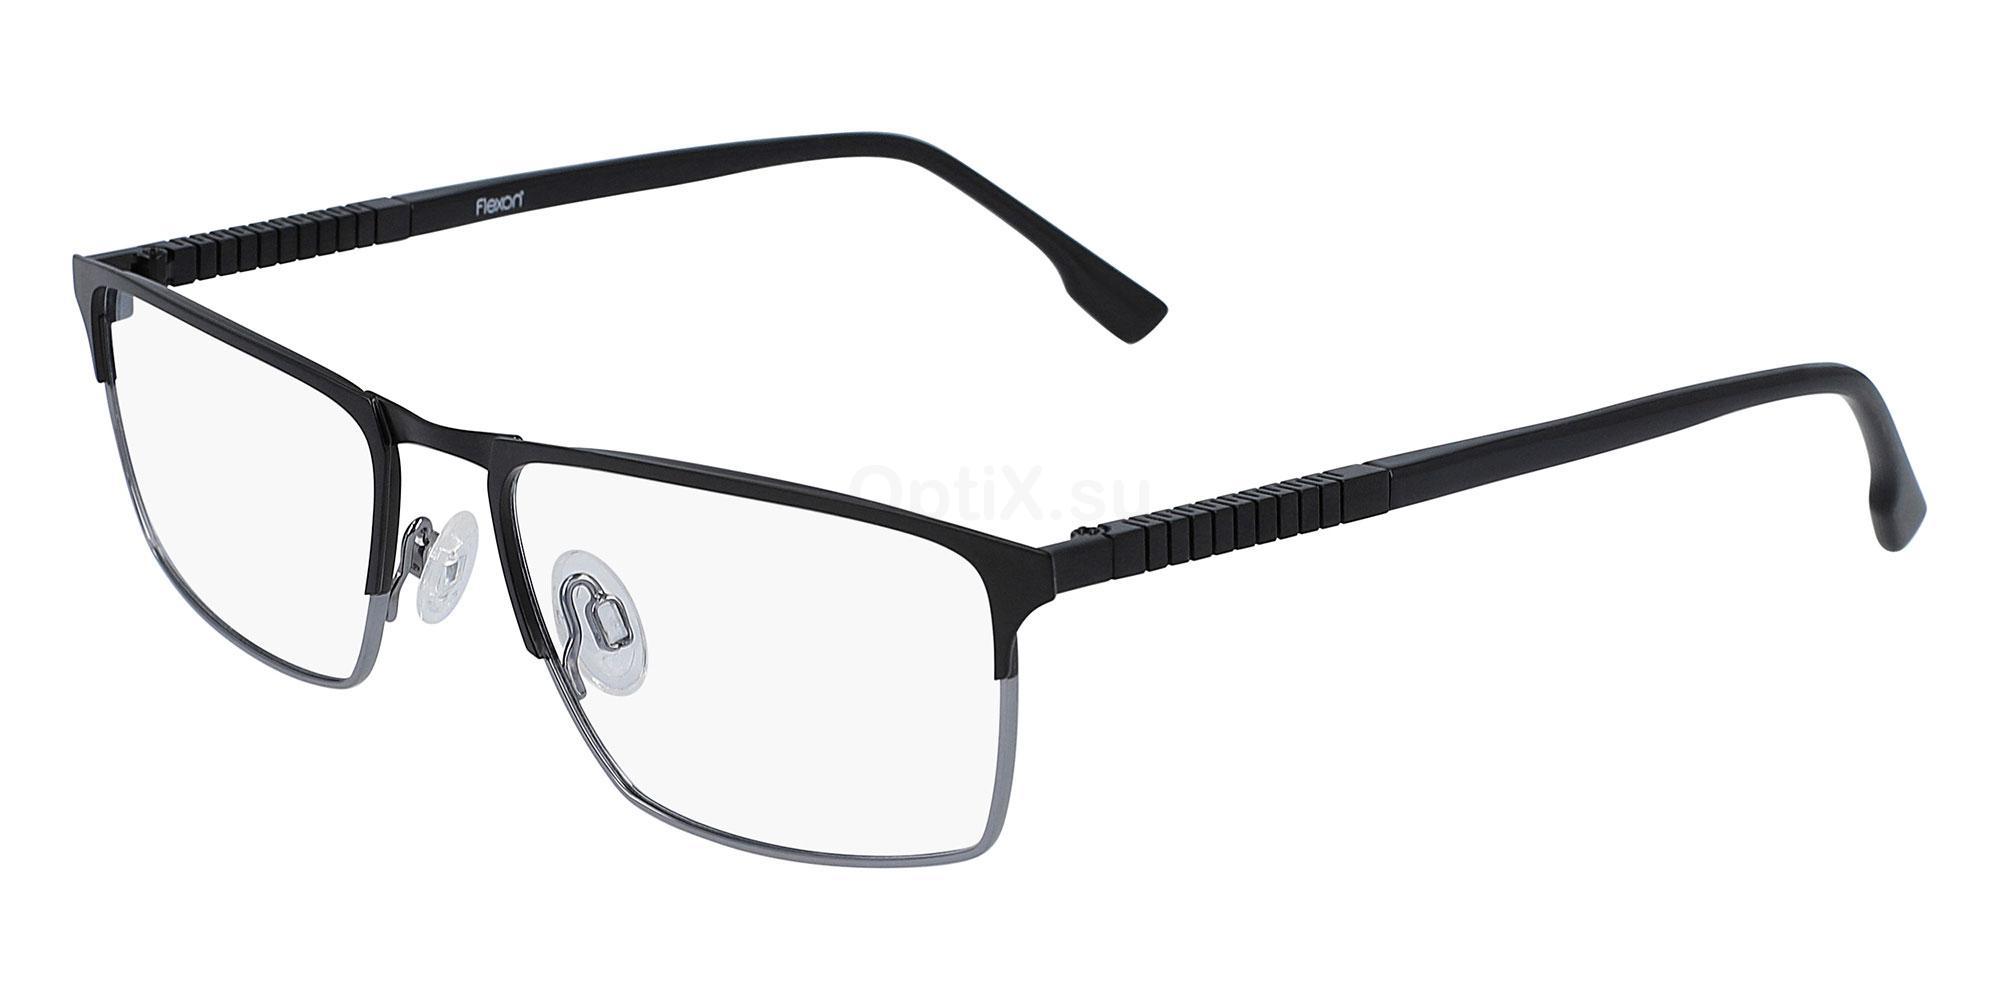 001 FLEXON E1014 Glasses, Flexon